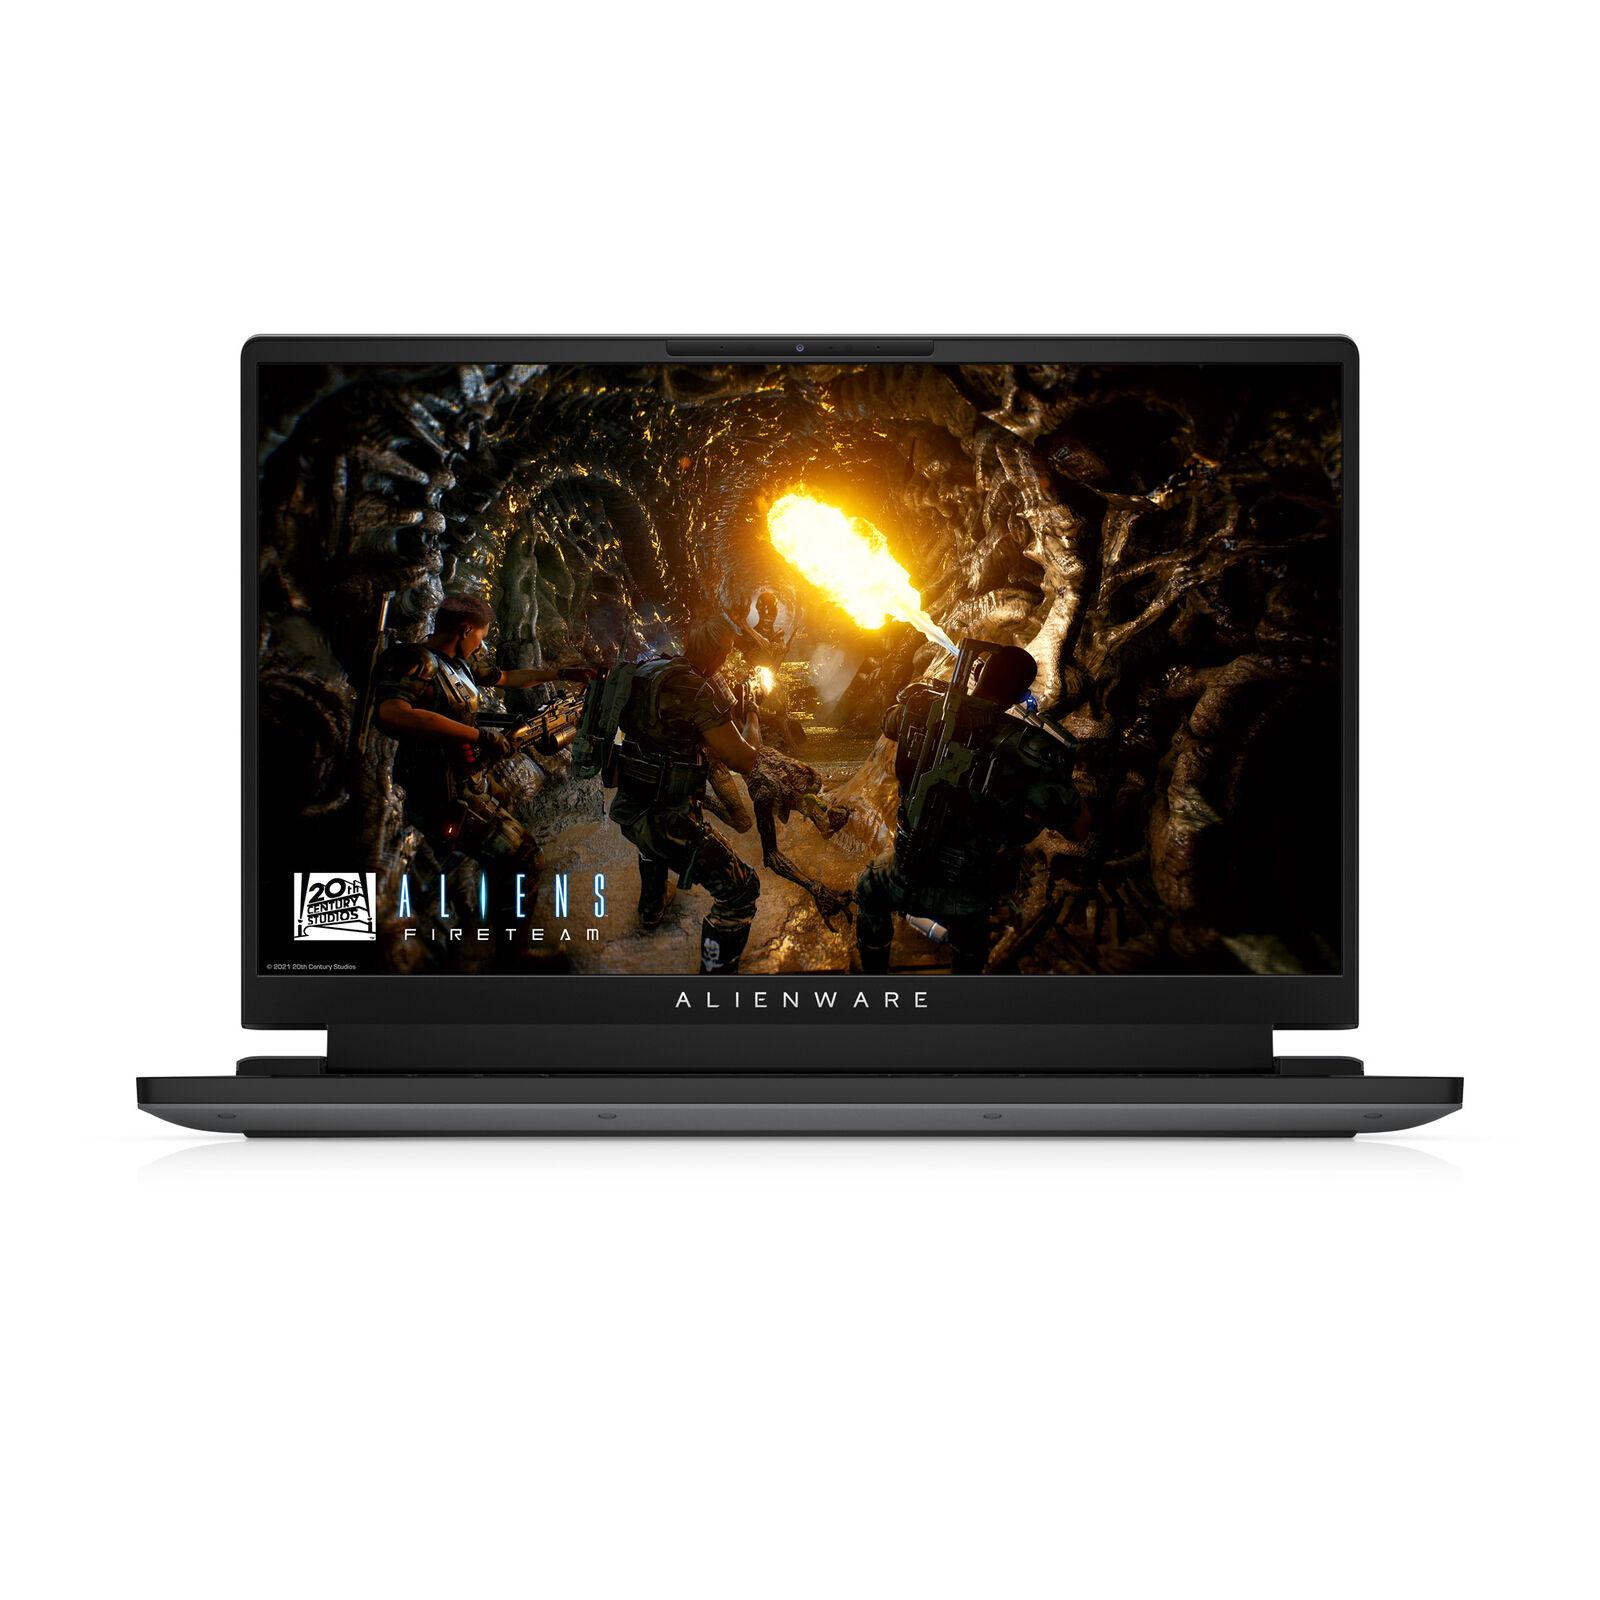 """Alienware M15 R6 Laptop 15.6"""" FHD Intel i5 NVIDIA RTX 3060 256GB SSD 8GB RAM"""